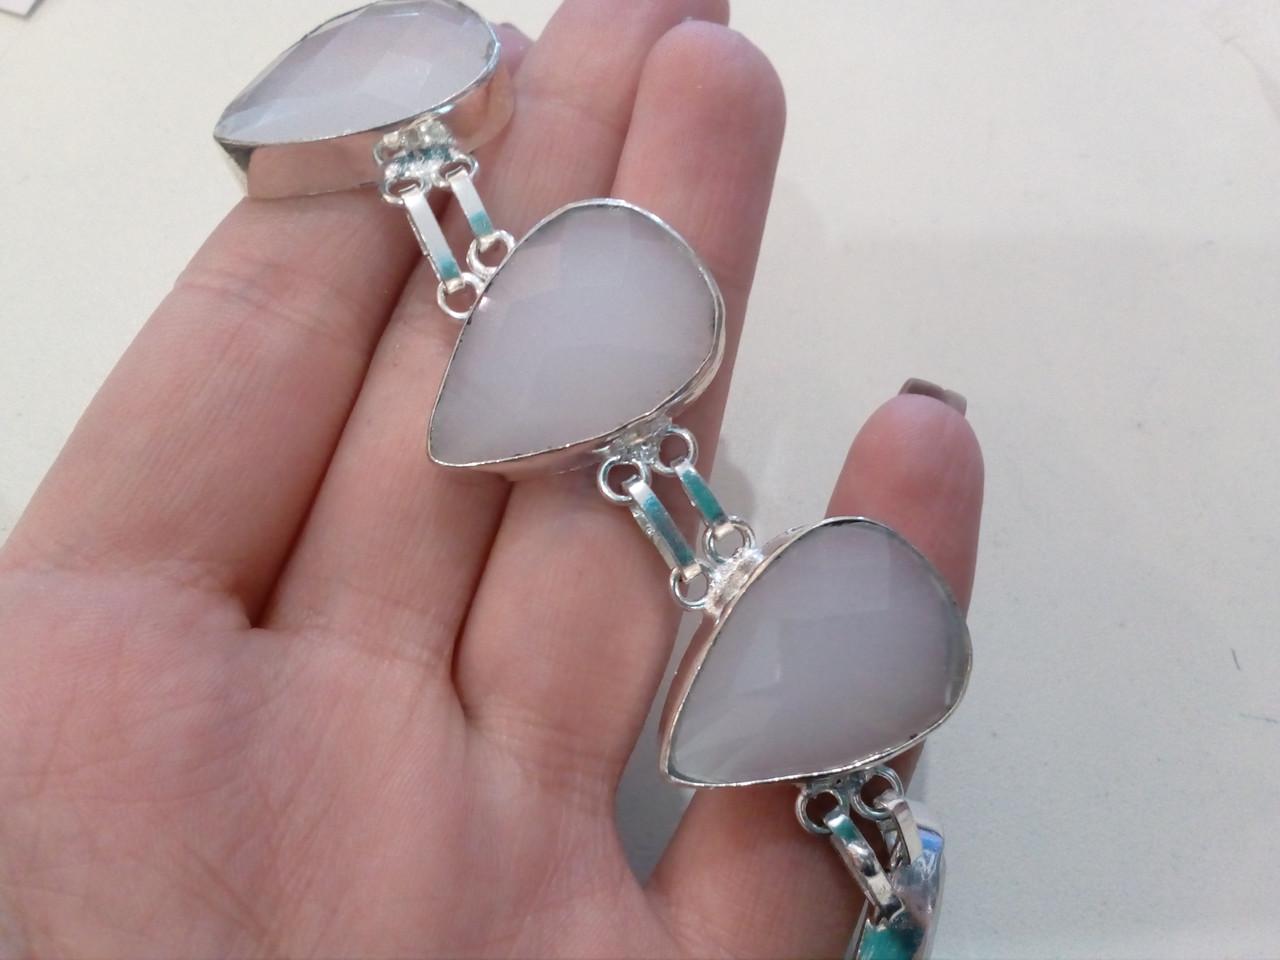 Красивый браслет с халцедоном в серебре. Браслет с камнем халцедон.